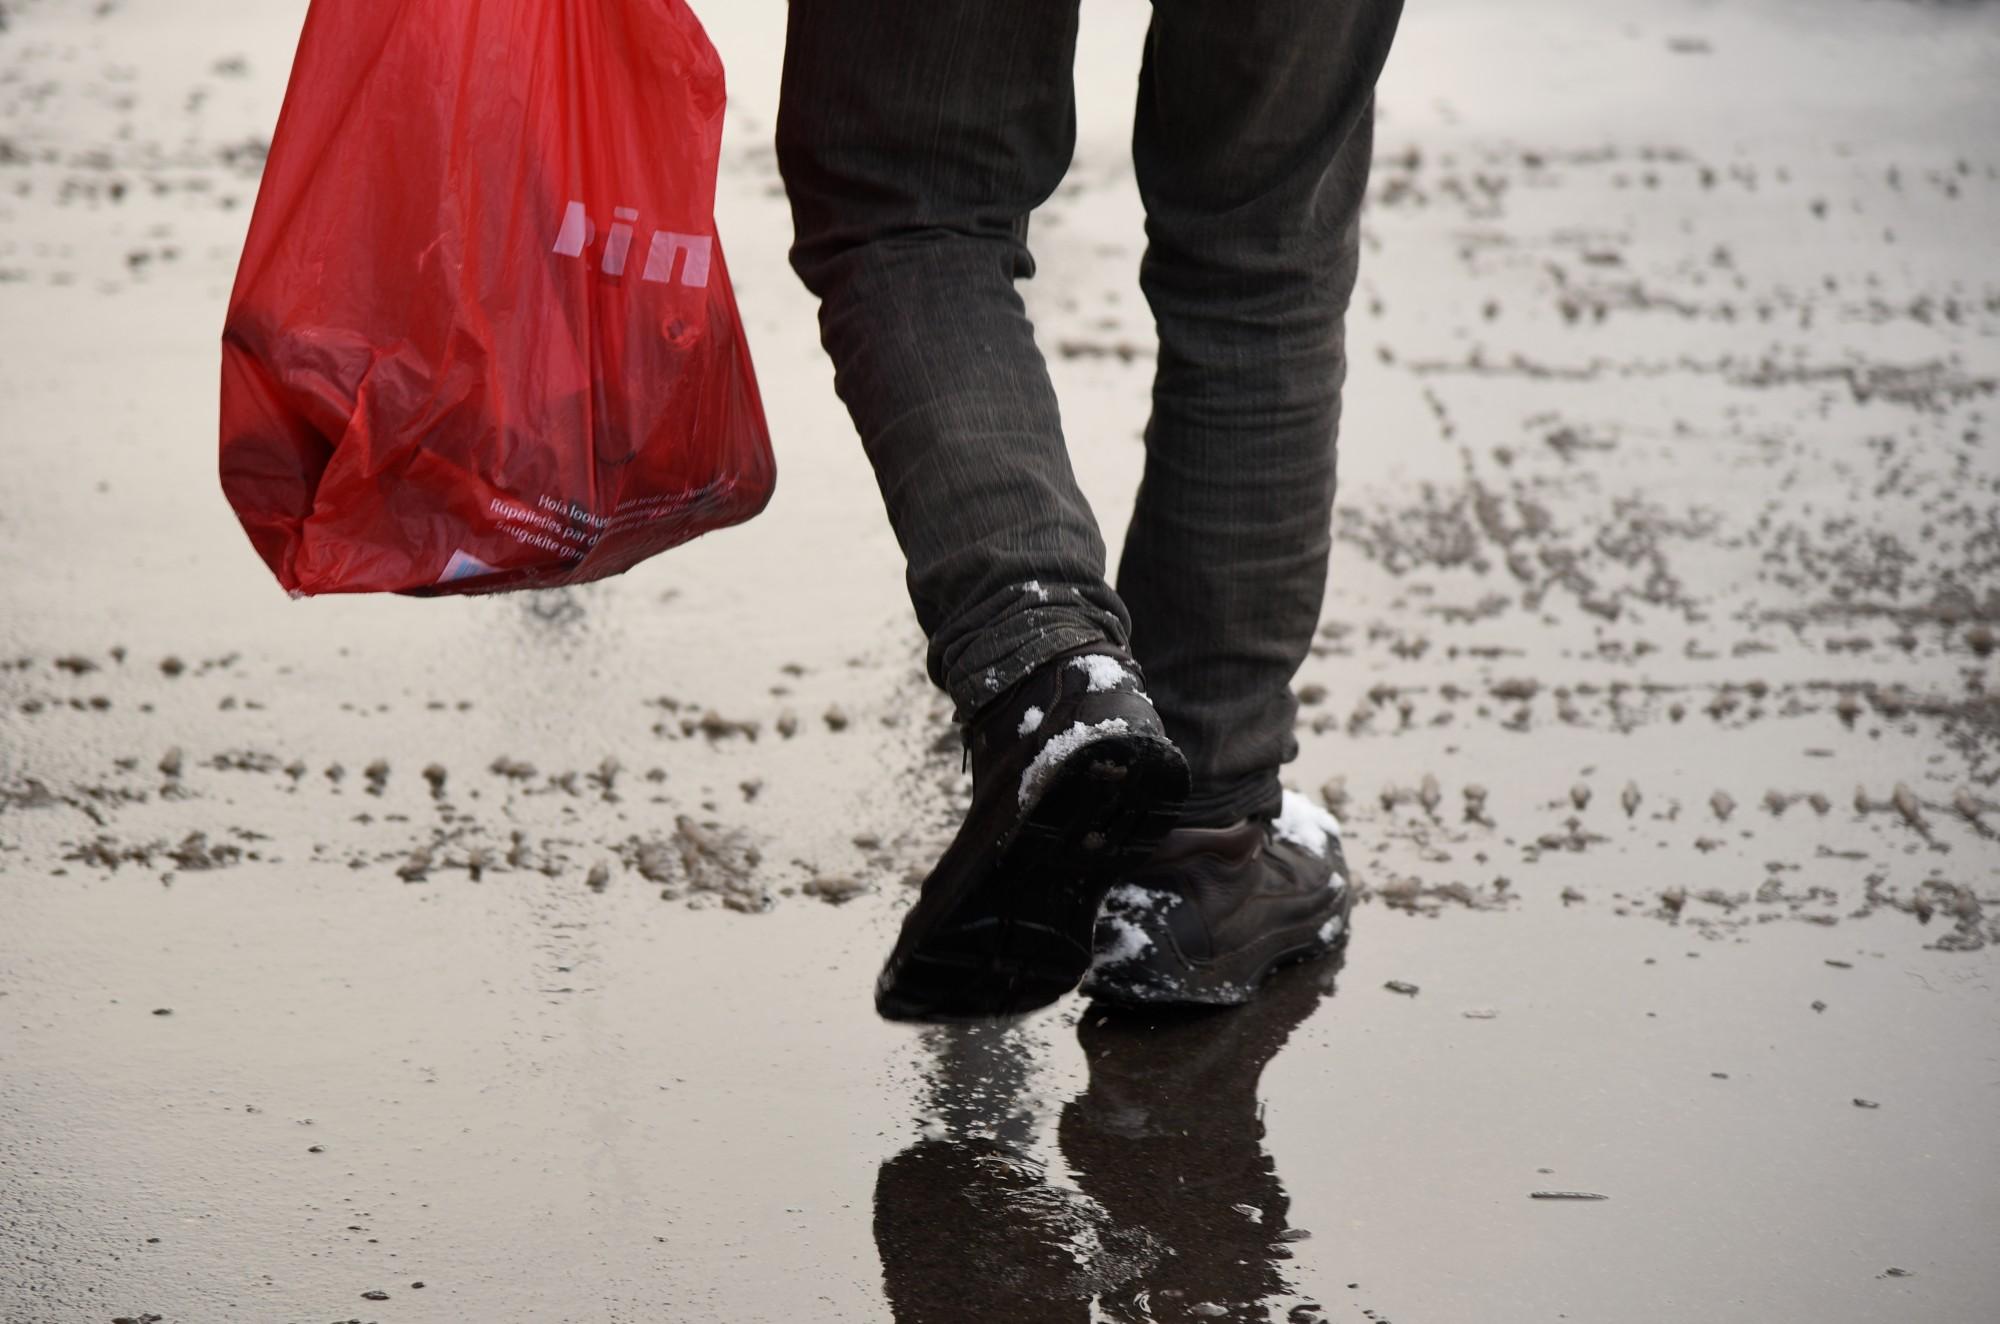 Cilvēki sāk saprast, ka zeķes nav jāliek plastmasas maisiņos